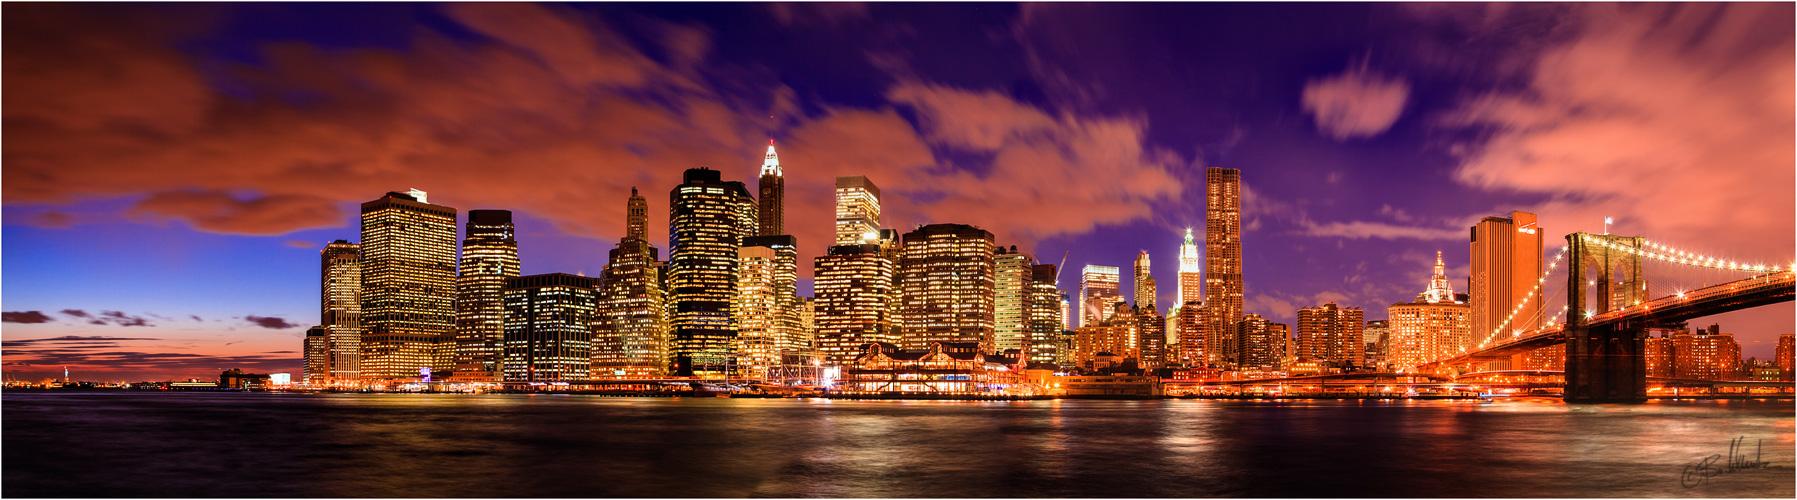 manhattan skyline foto bild north america united states new york state bilder auf. Black Bedroom Furniture Sets. Home Design Ideas